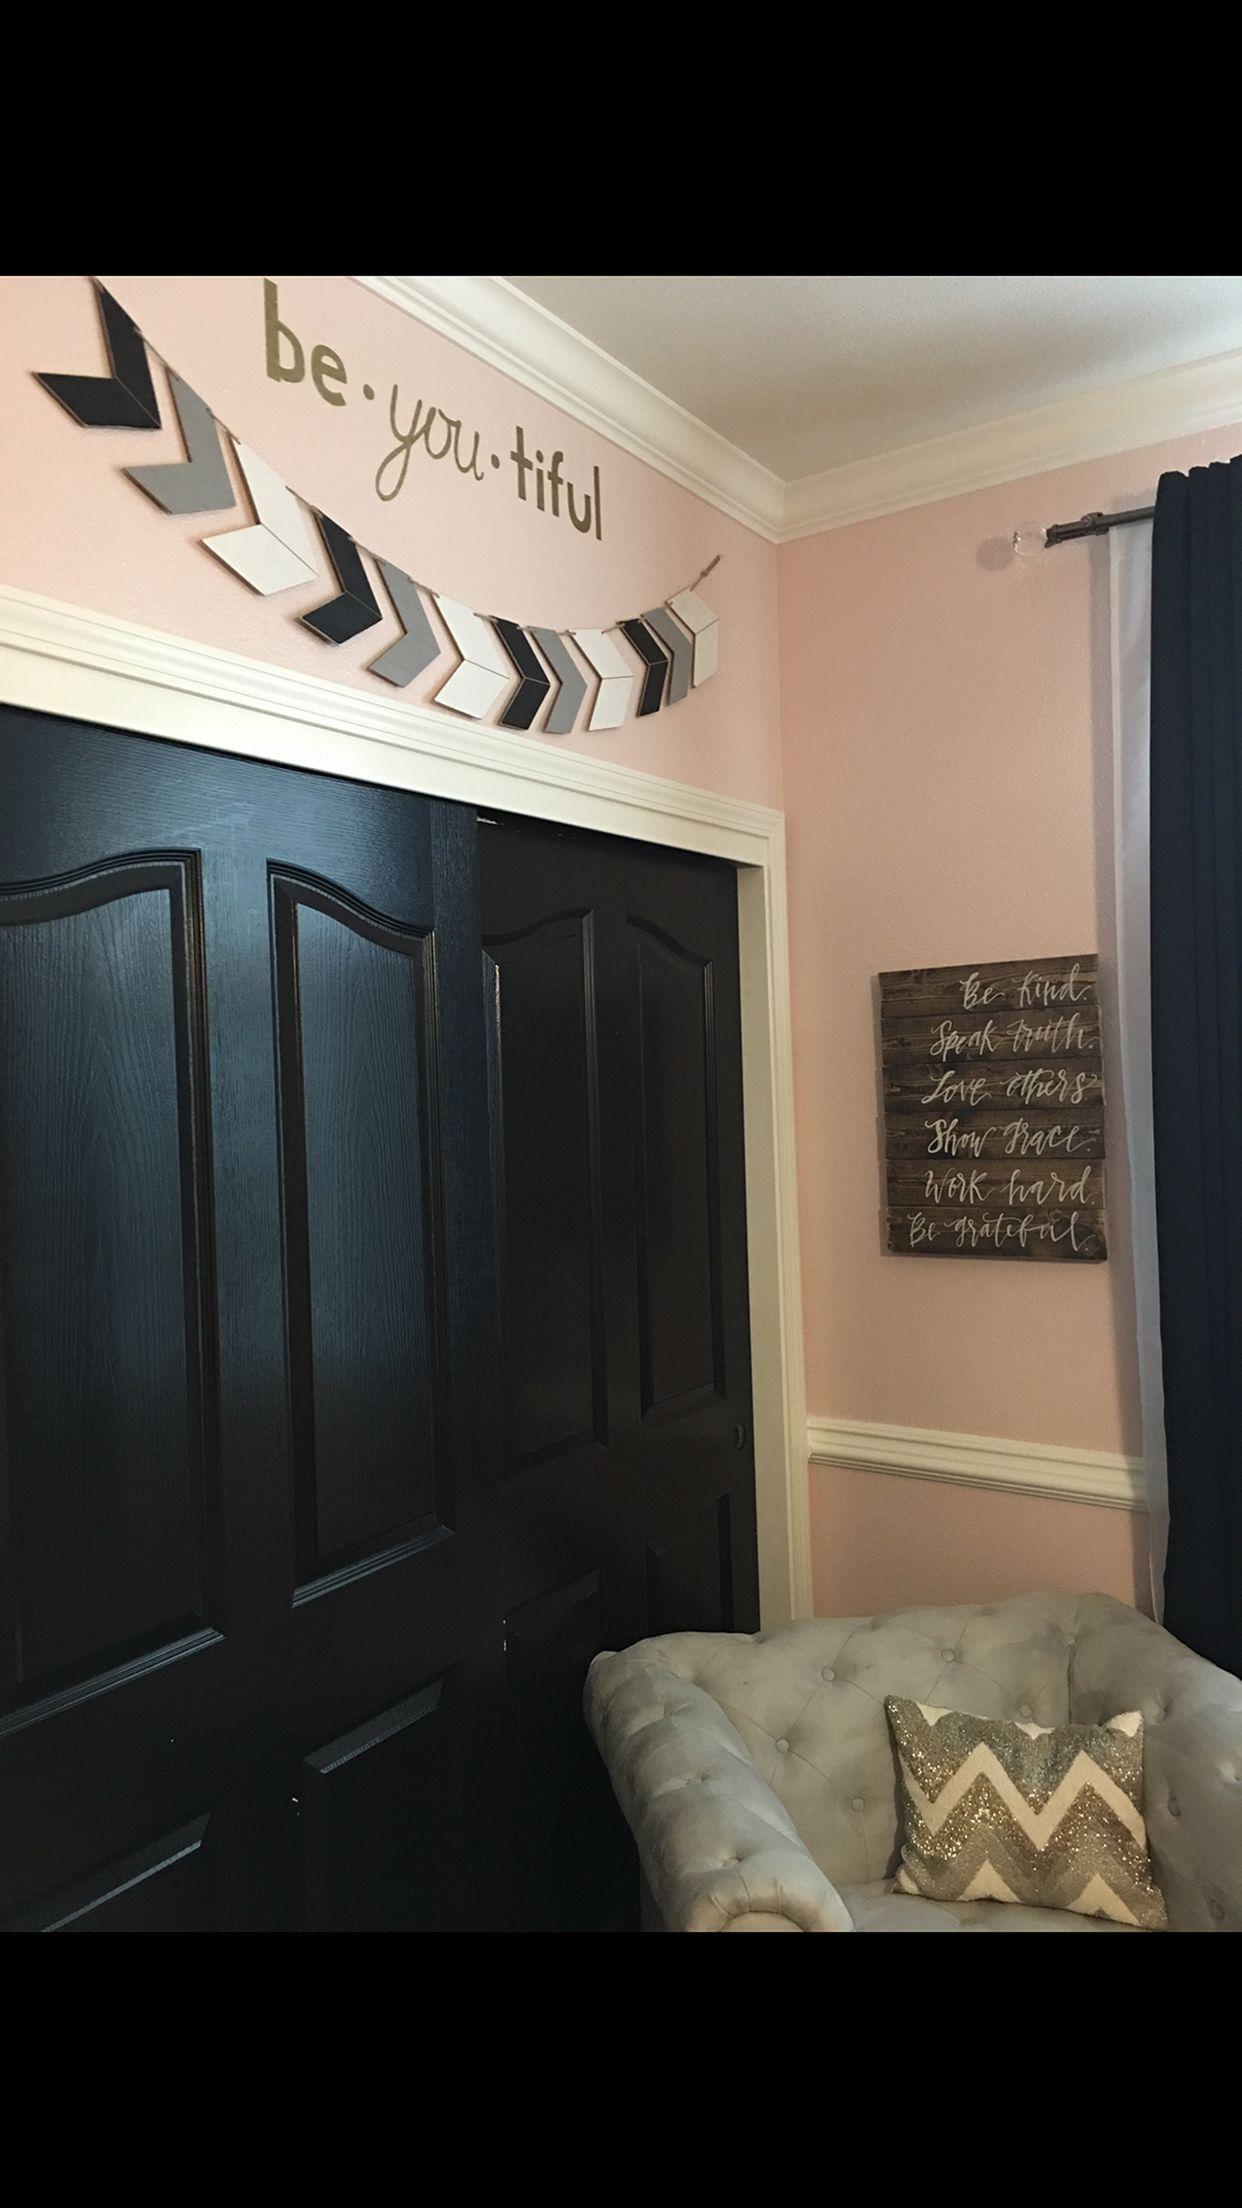 Loft bed ideas for tweens   Beautiful Tween Bedroom Decorating Ideas  Tween Bedrooms and